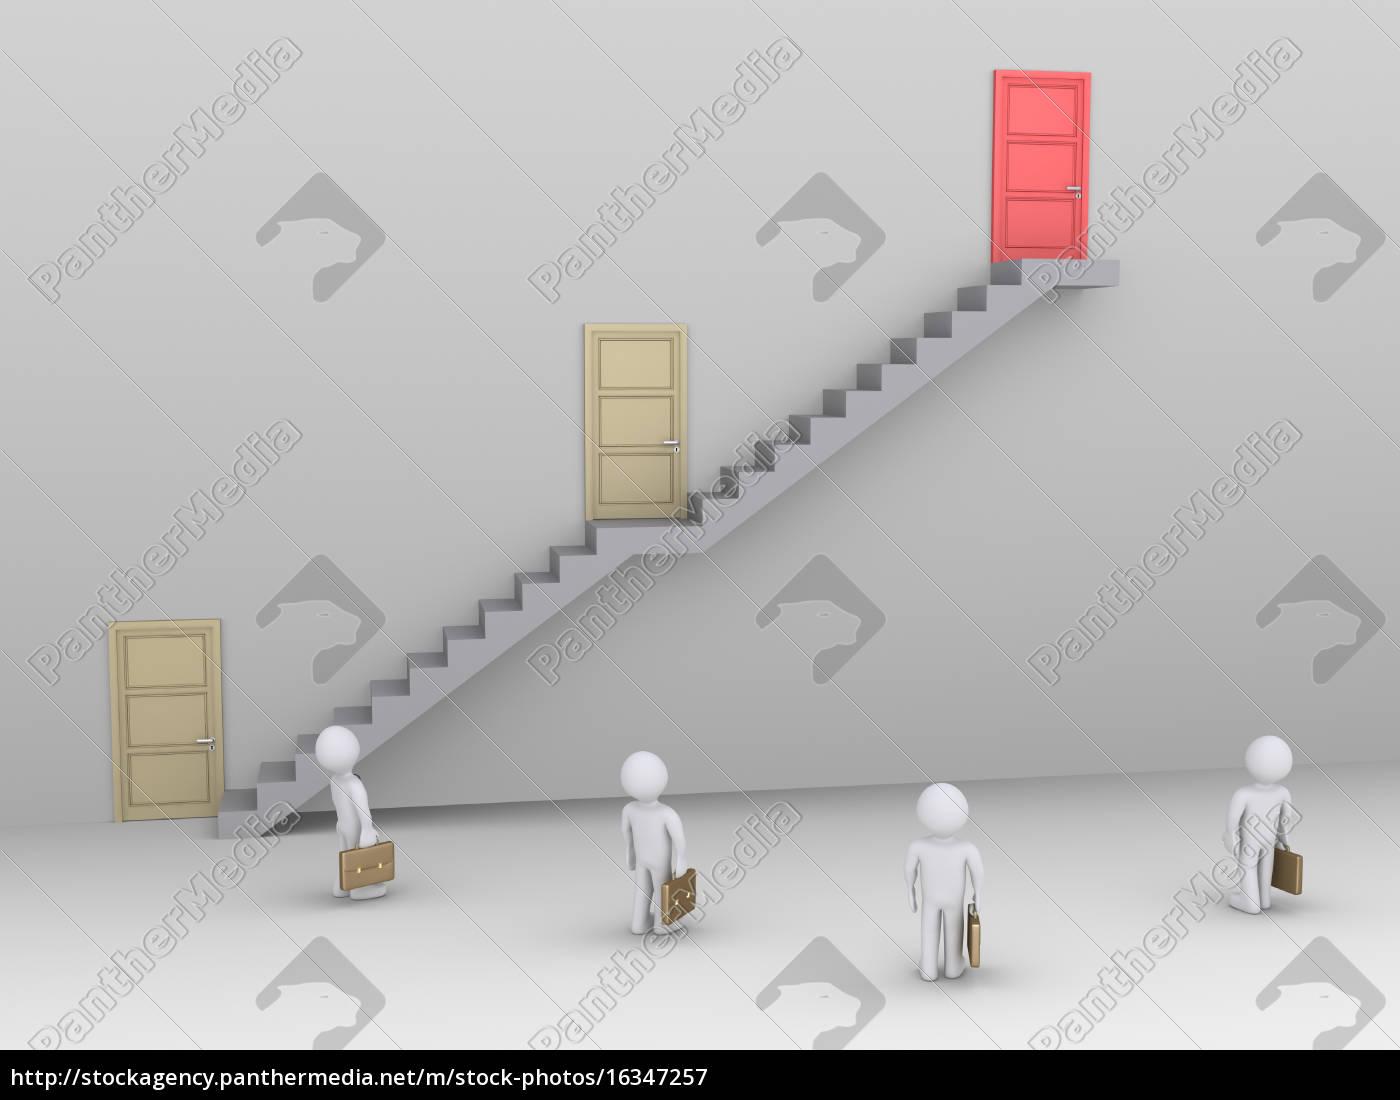 business-herausforderung, mit, unternehmern - 16347257